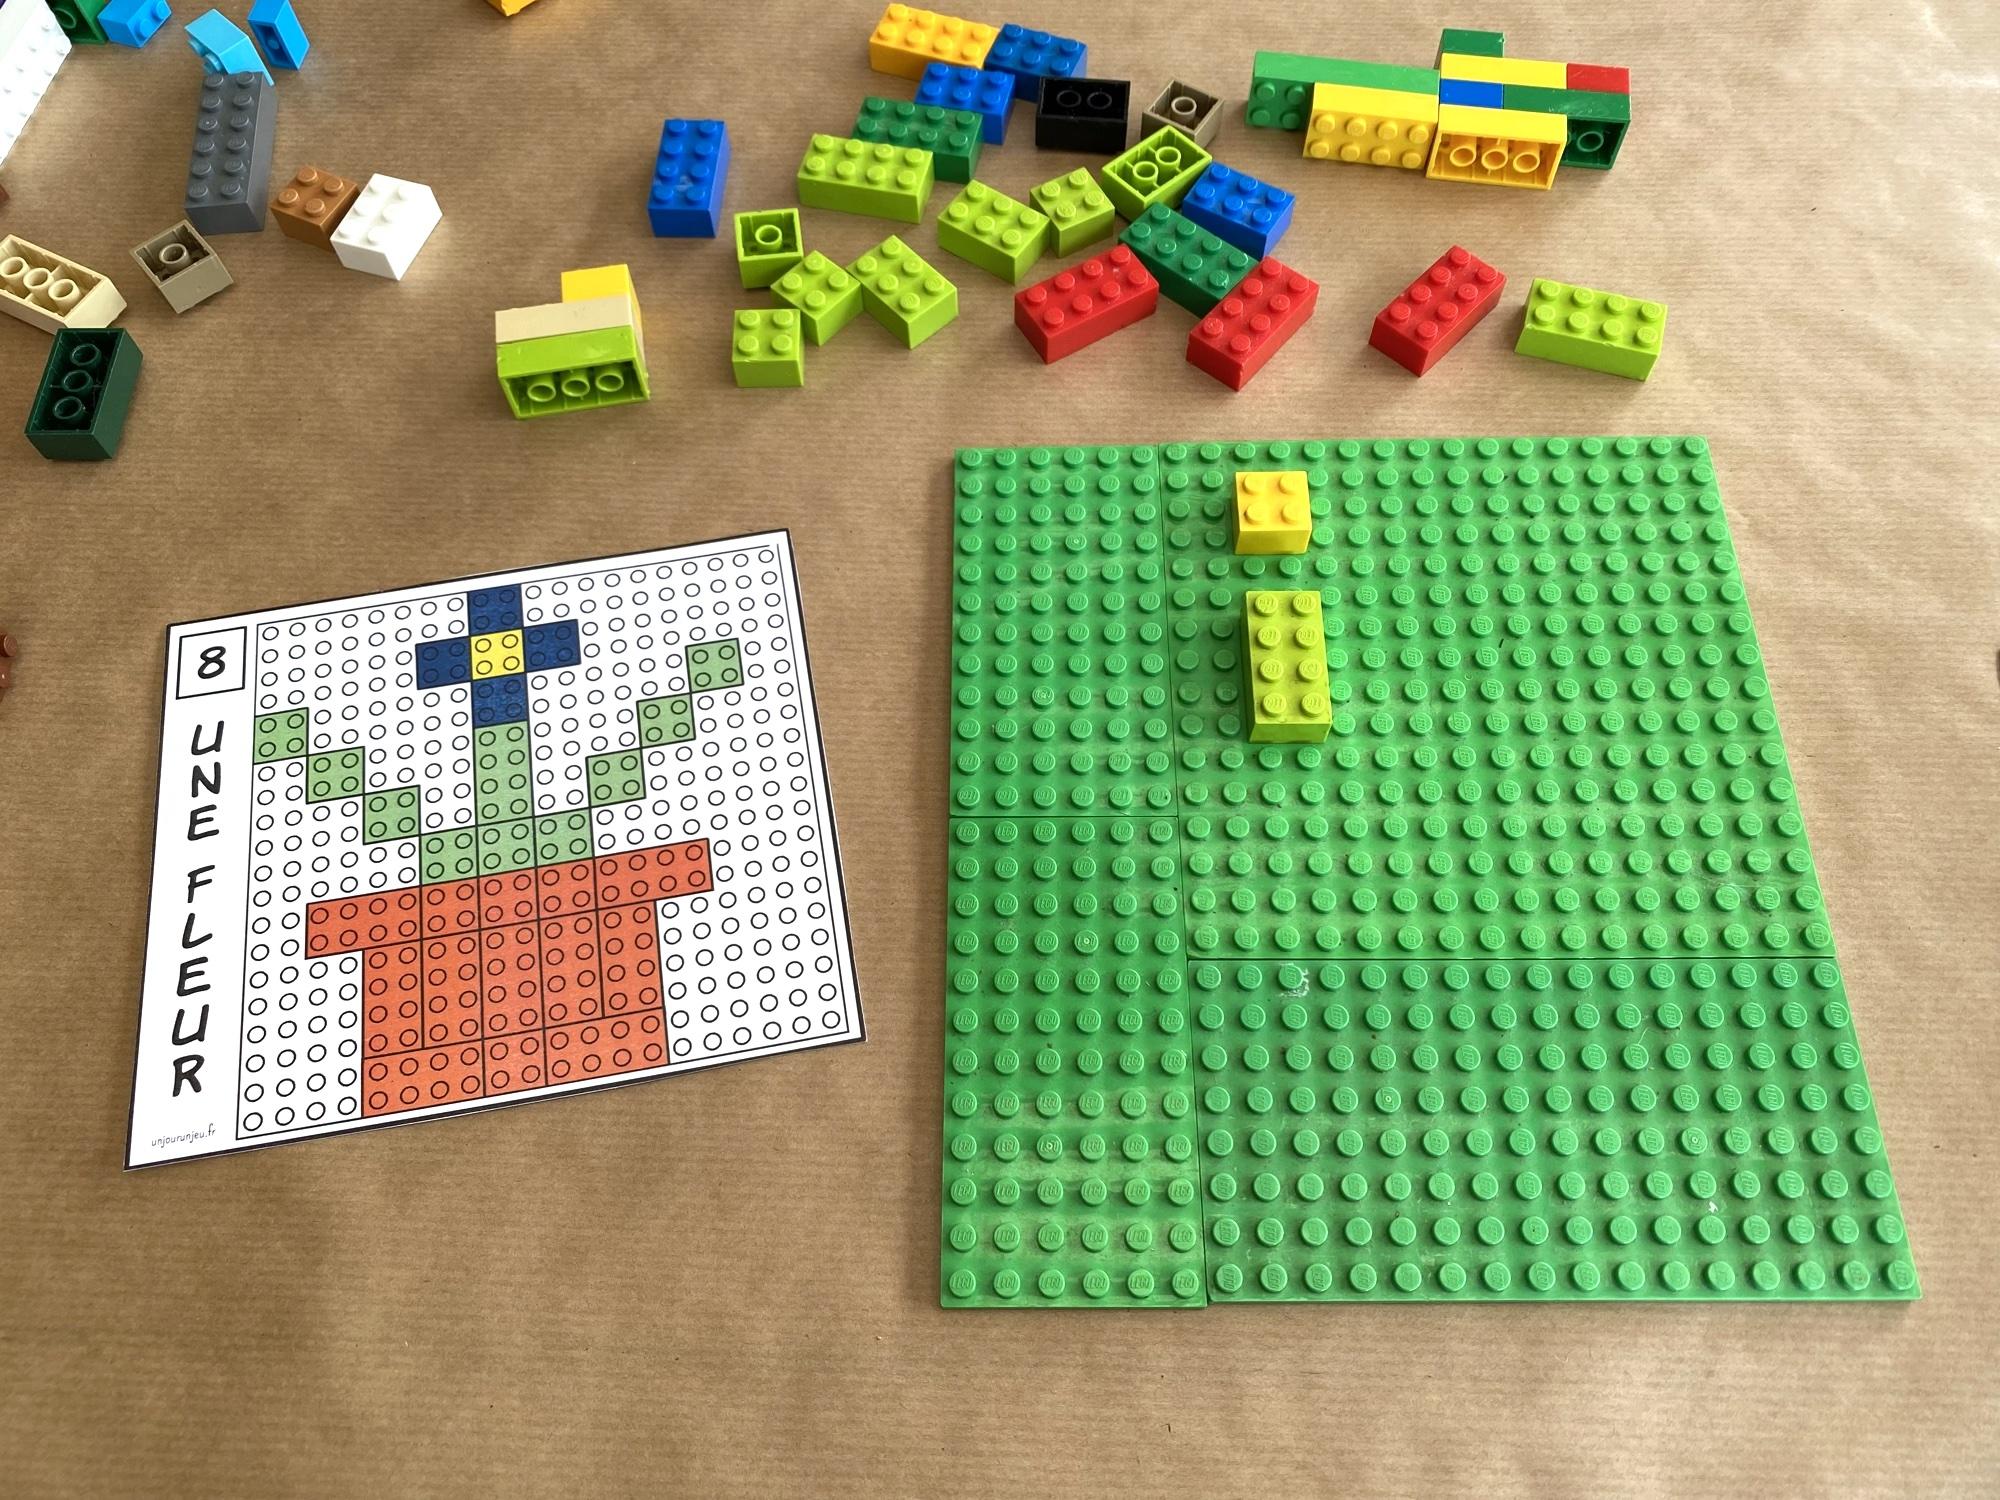 Modèles LEGO à reproduire - étape 1